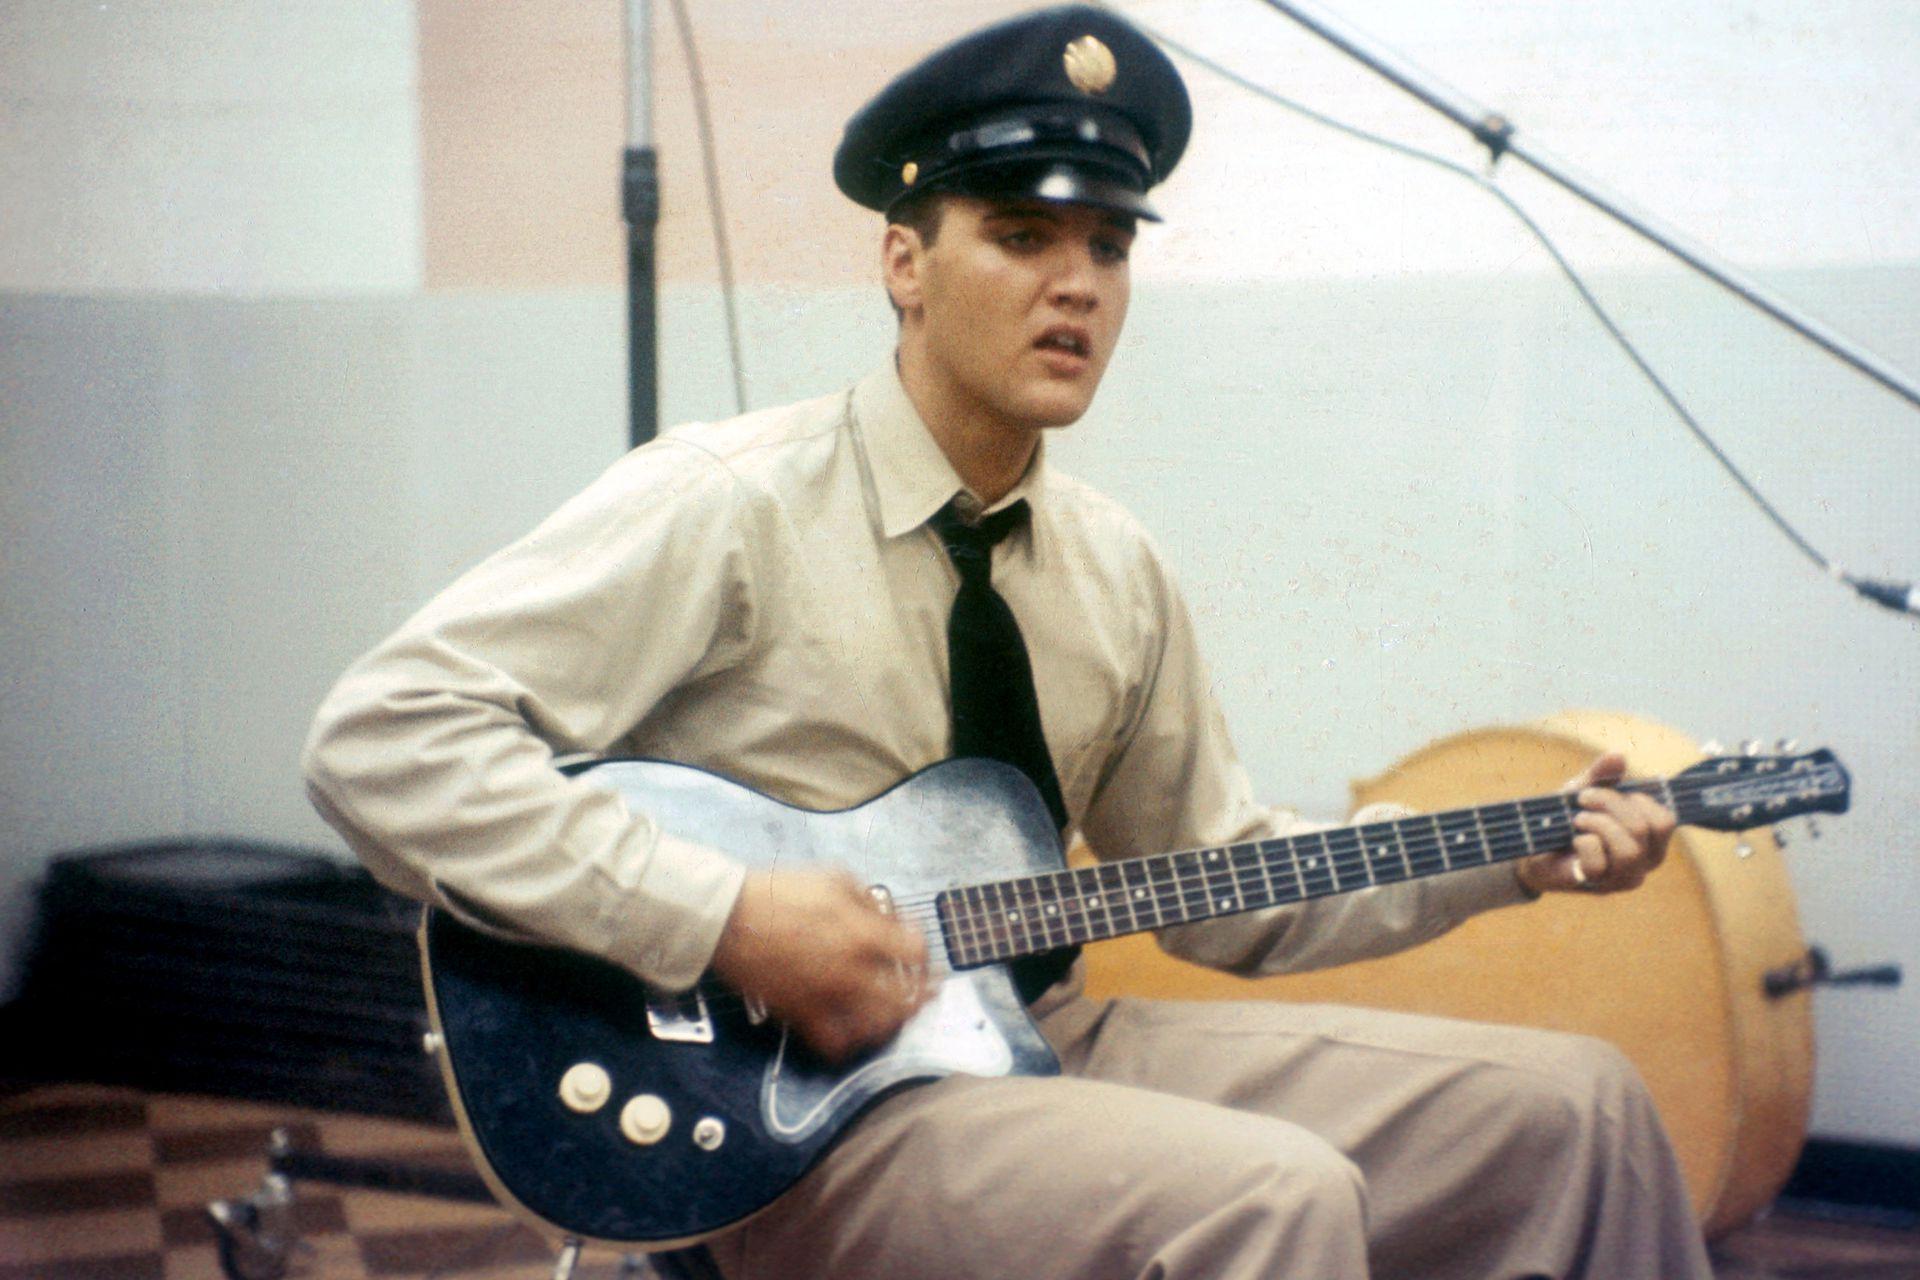 Elvis Presley despunta el vicio con su guitarra mientras cumple con el servicio militar en Berlín, Alemania